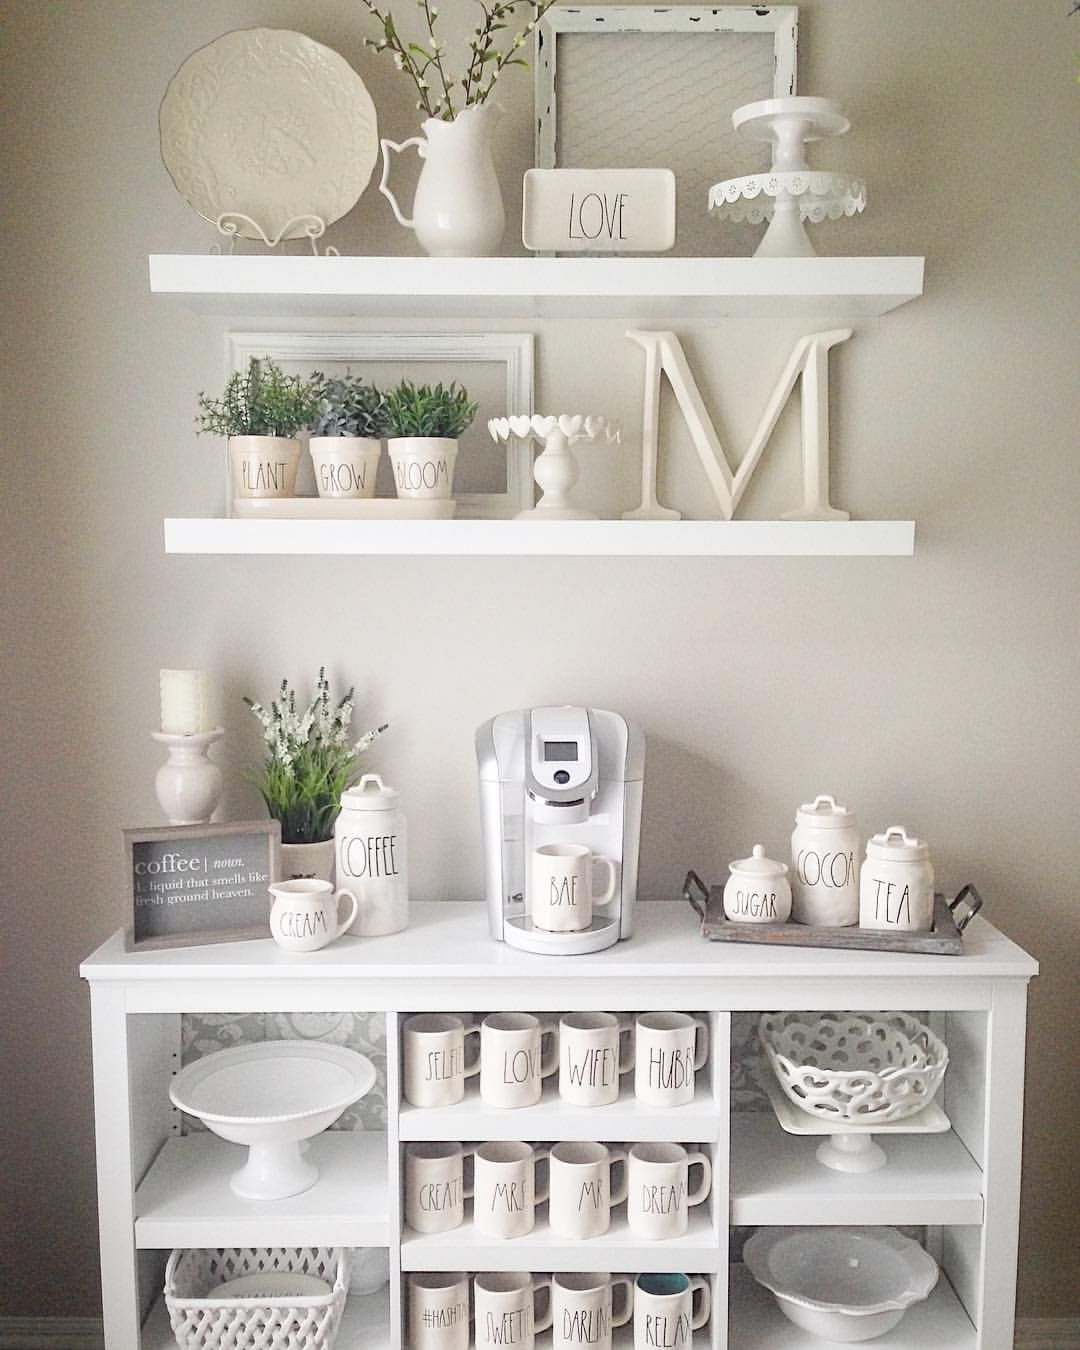 Mug Shelf Kitchen: Farmhouse Shelves Rae Dunn Mug Display